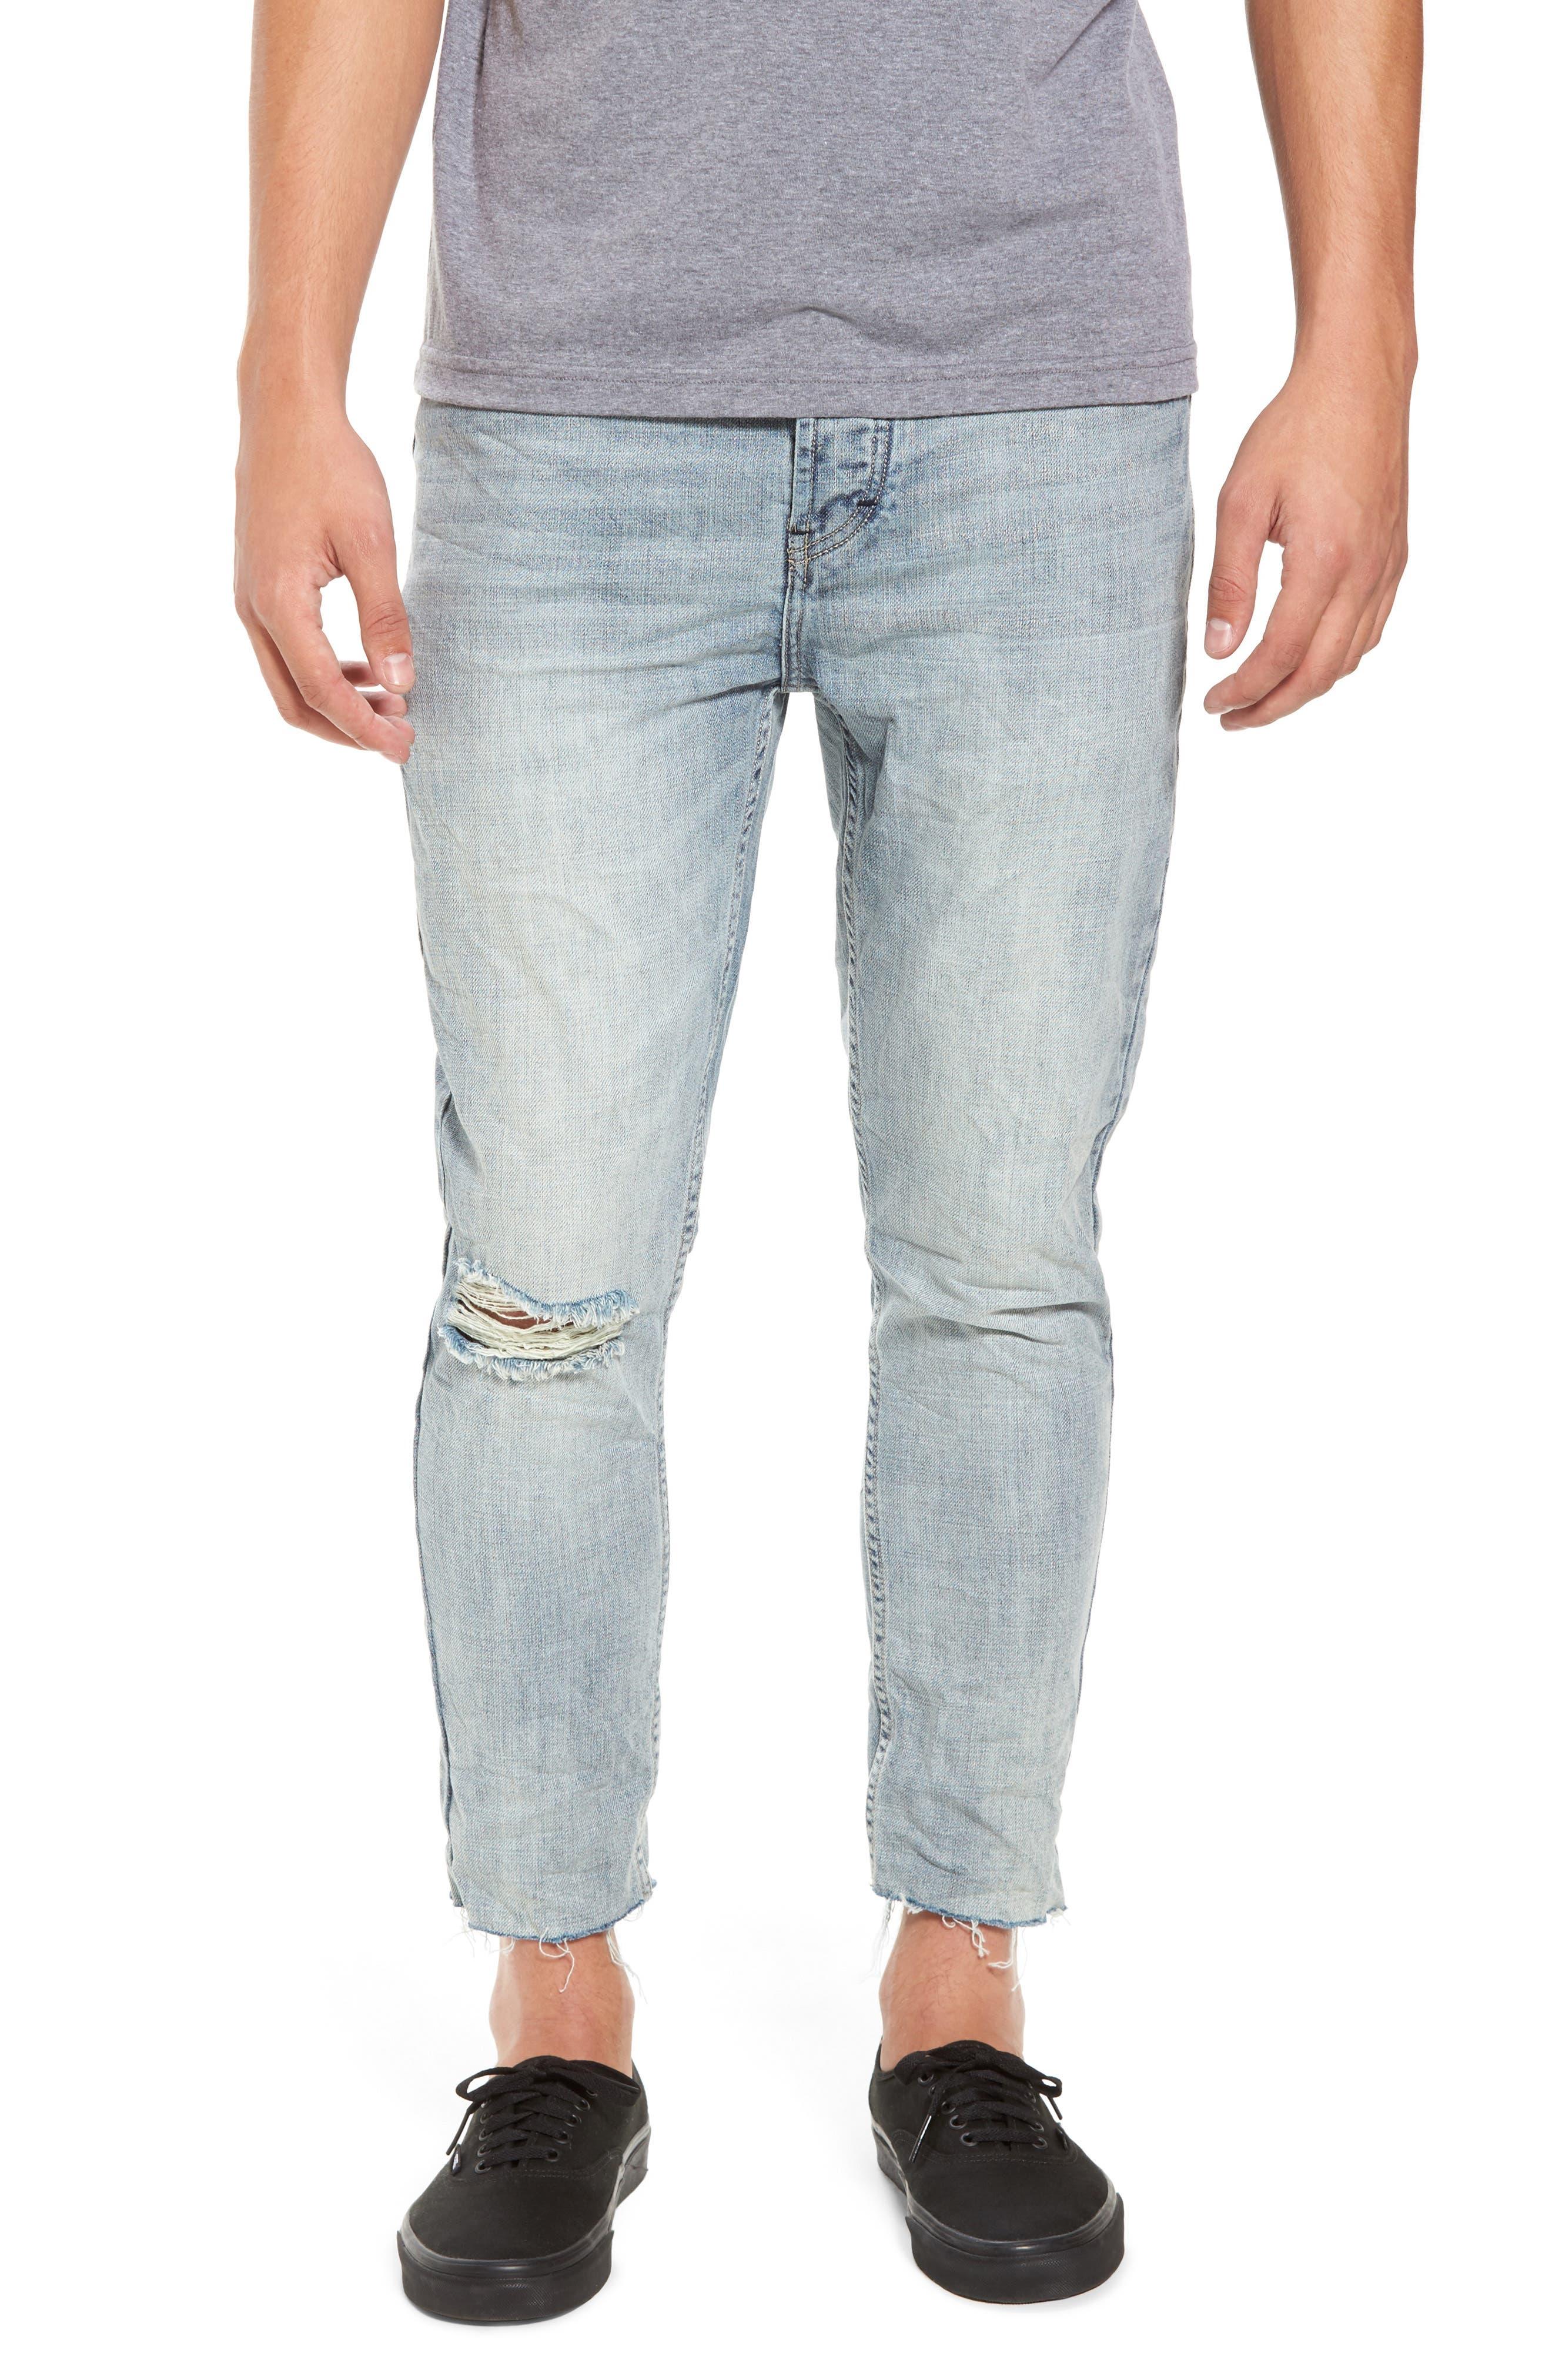 B.Line Crop Slim Fit Jeans,                         Main,                         color, 90S Stonewash